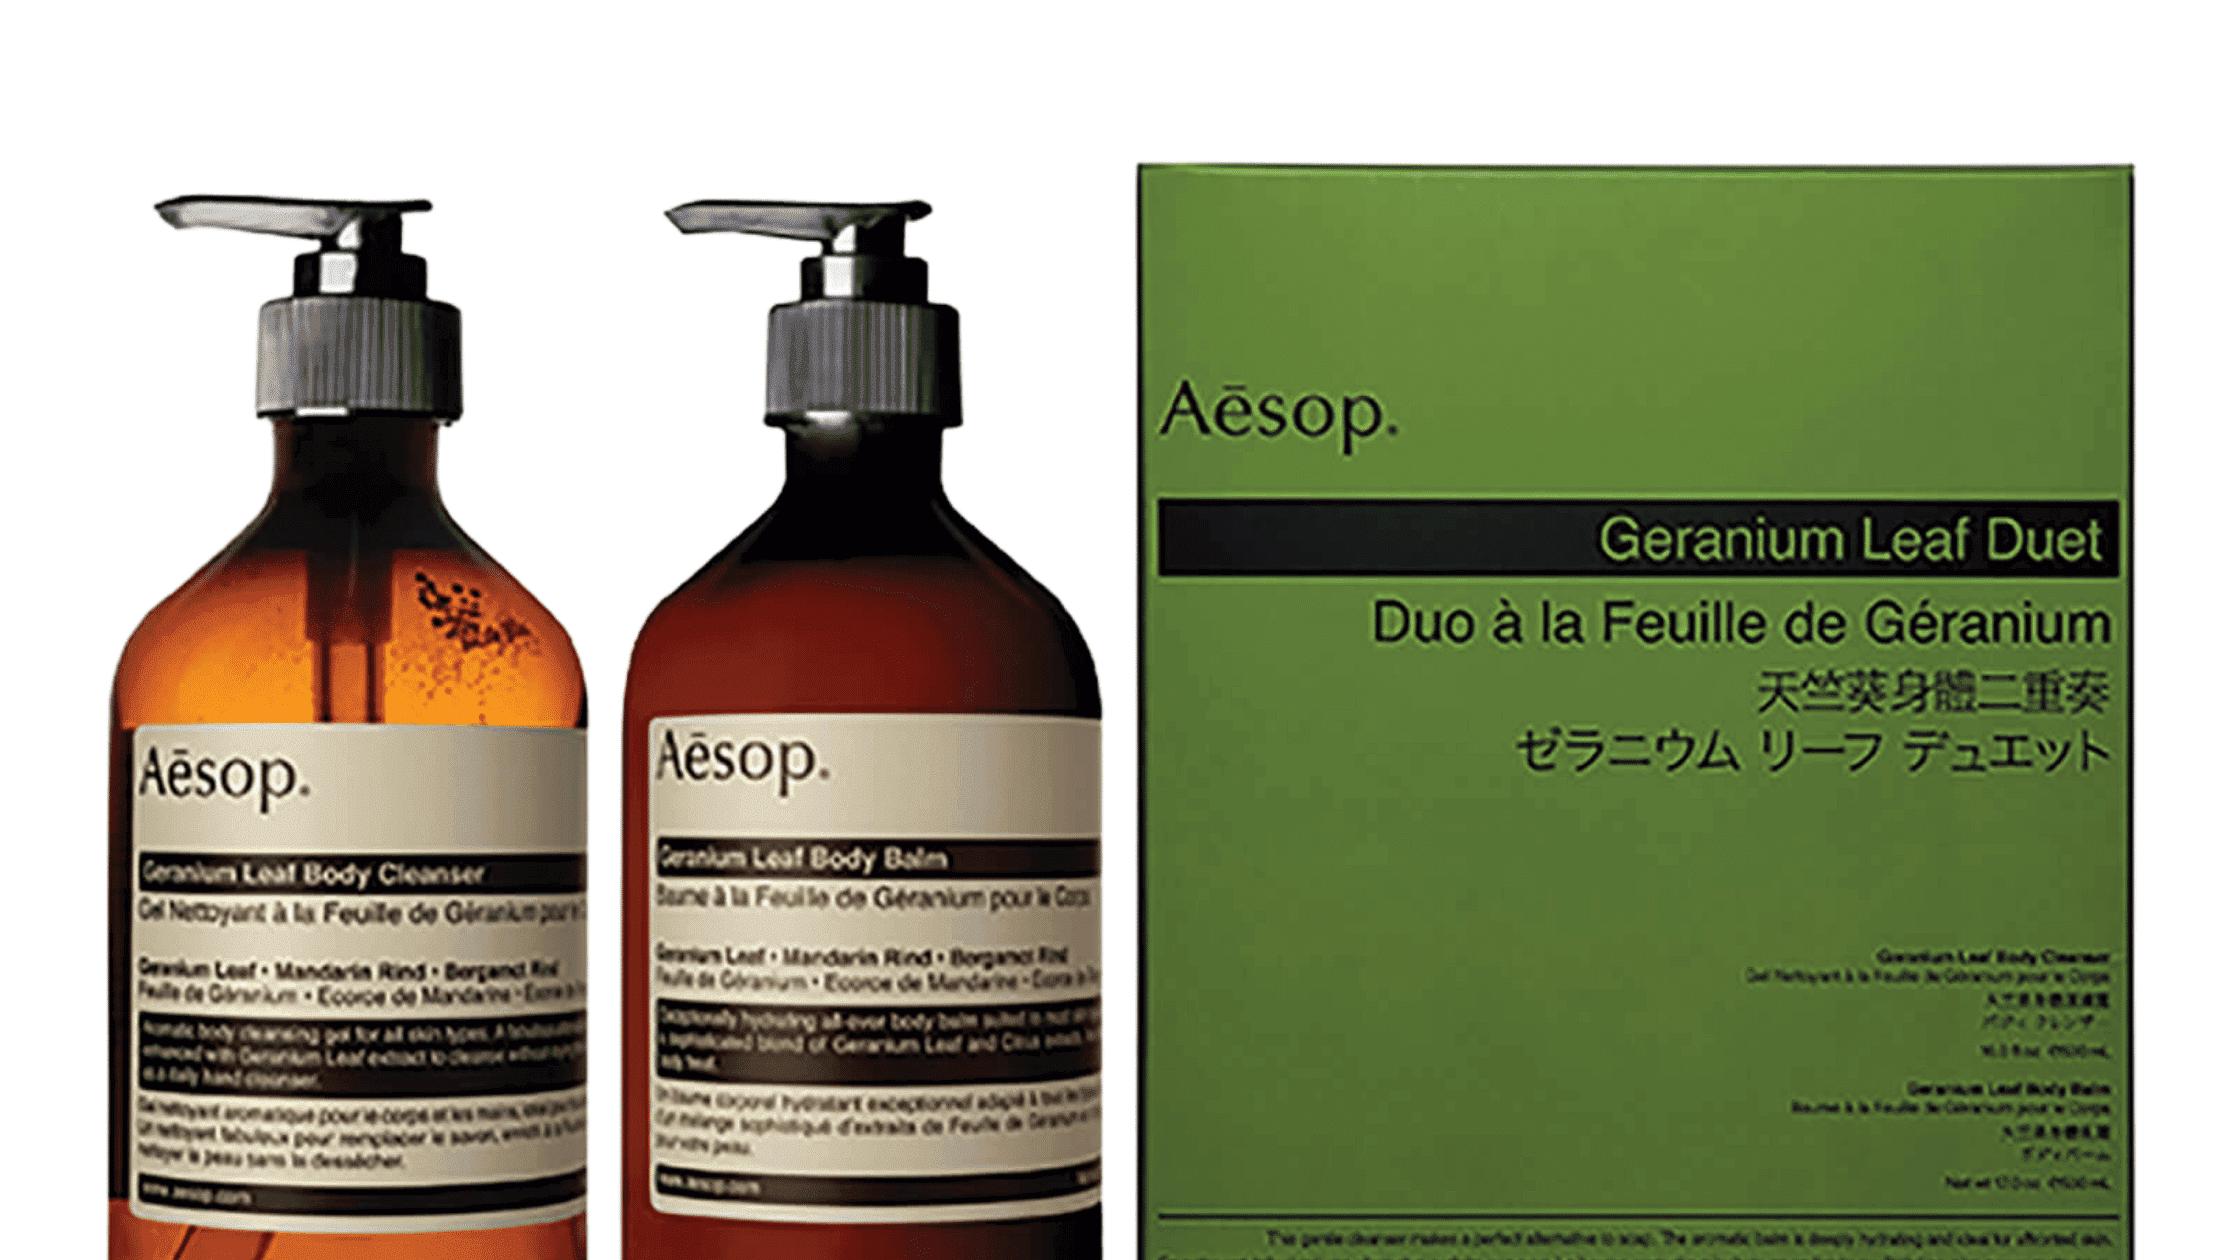 Aesop Geranium Leaf Duet